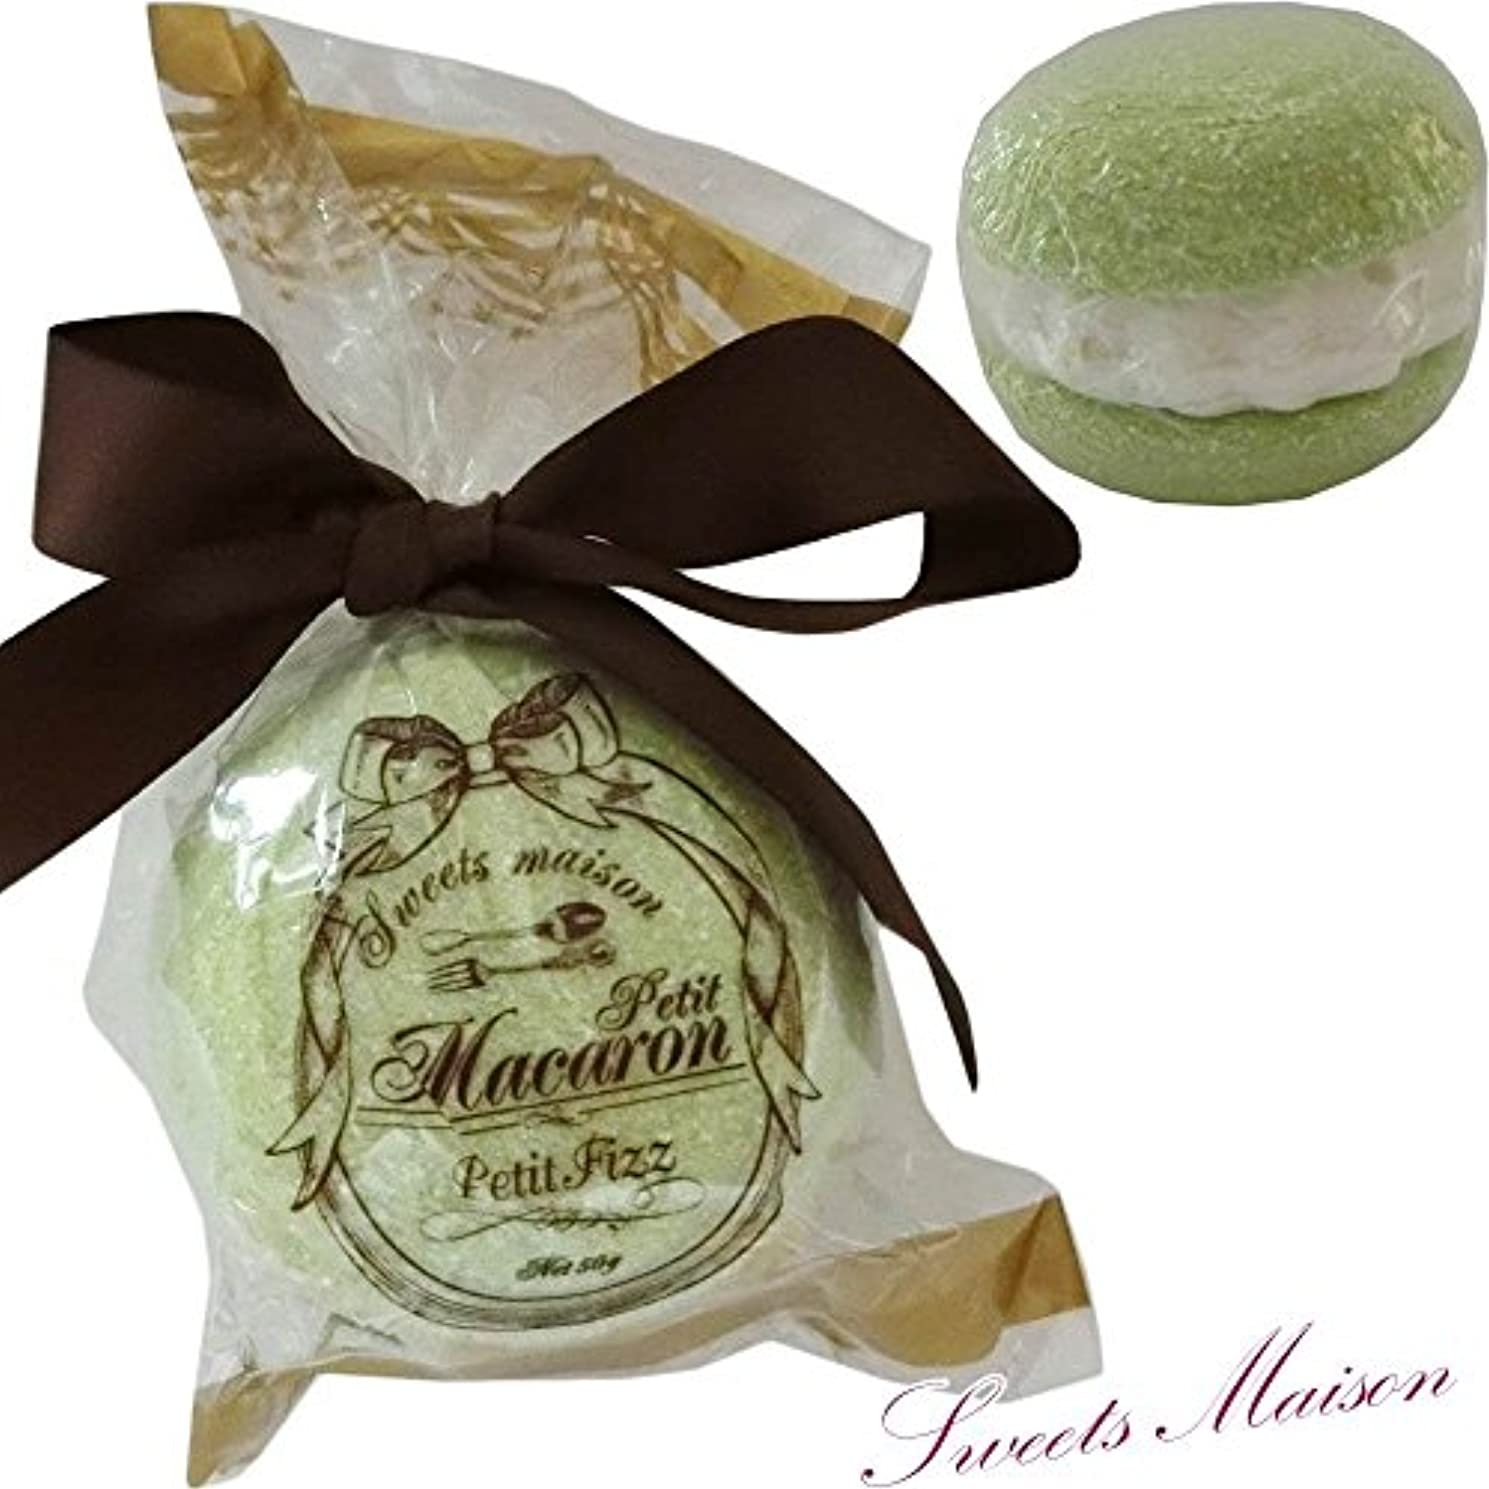 例示するペレグリネーションシャンパン【Sweets Maison】プチマカロンフィズ さわやかなベルガモットティーの香り 1個